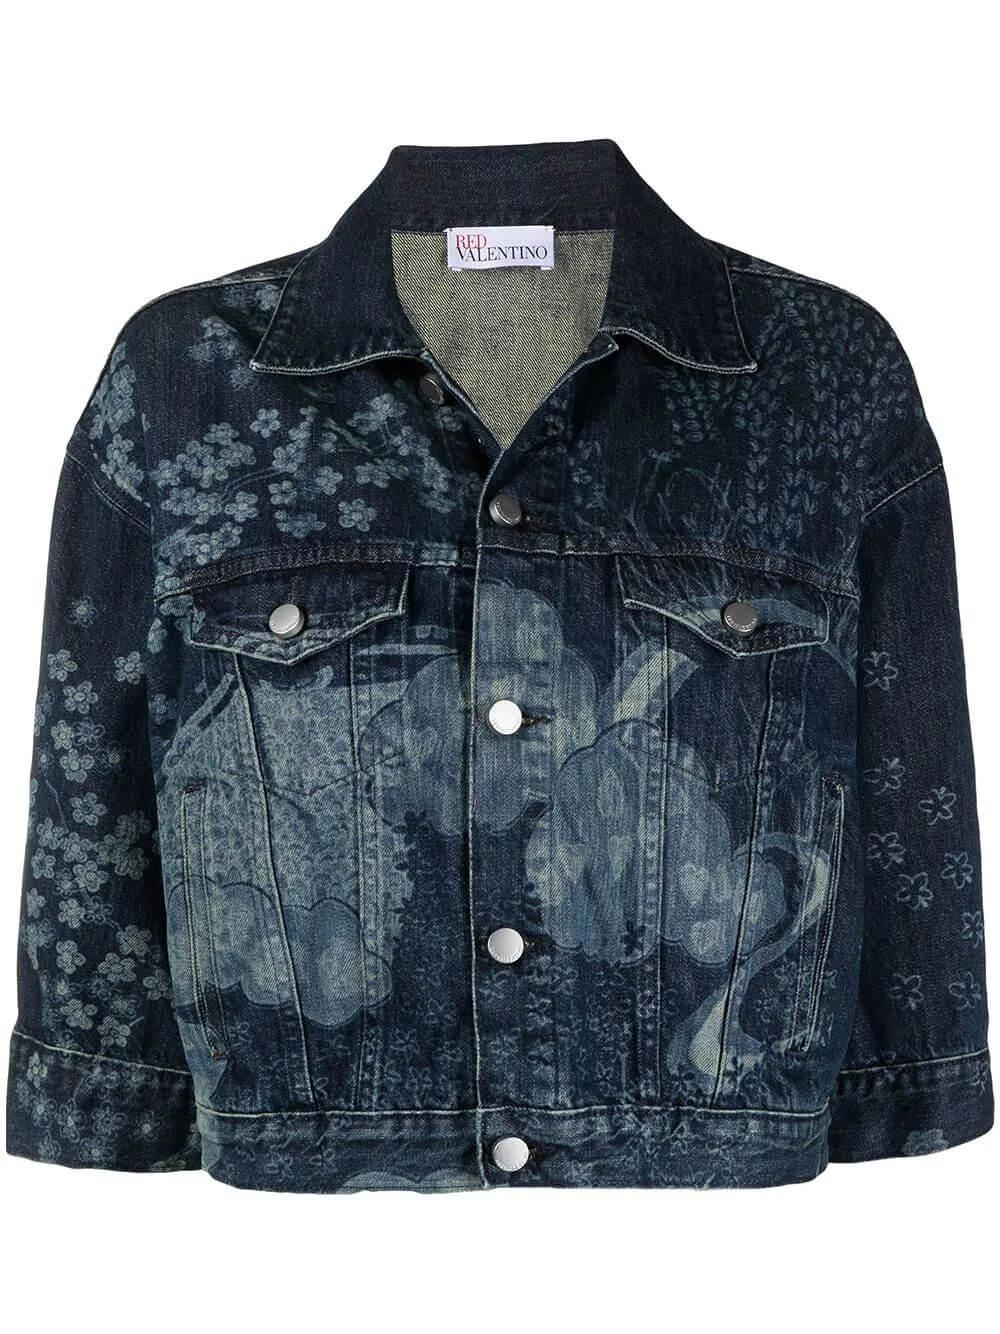 Floral Embroidered Denim Jacket Item # VR3DC01M5P0